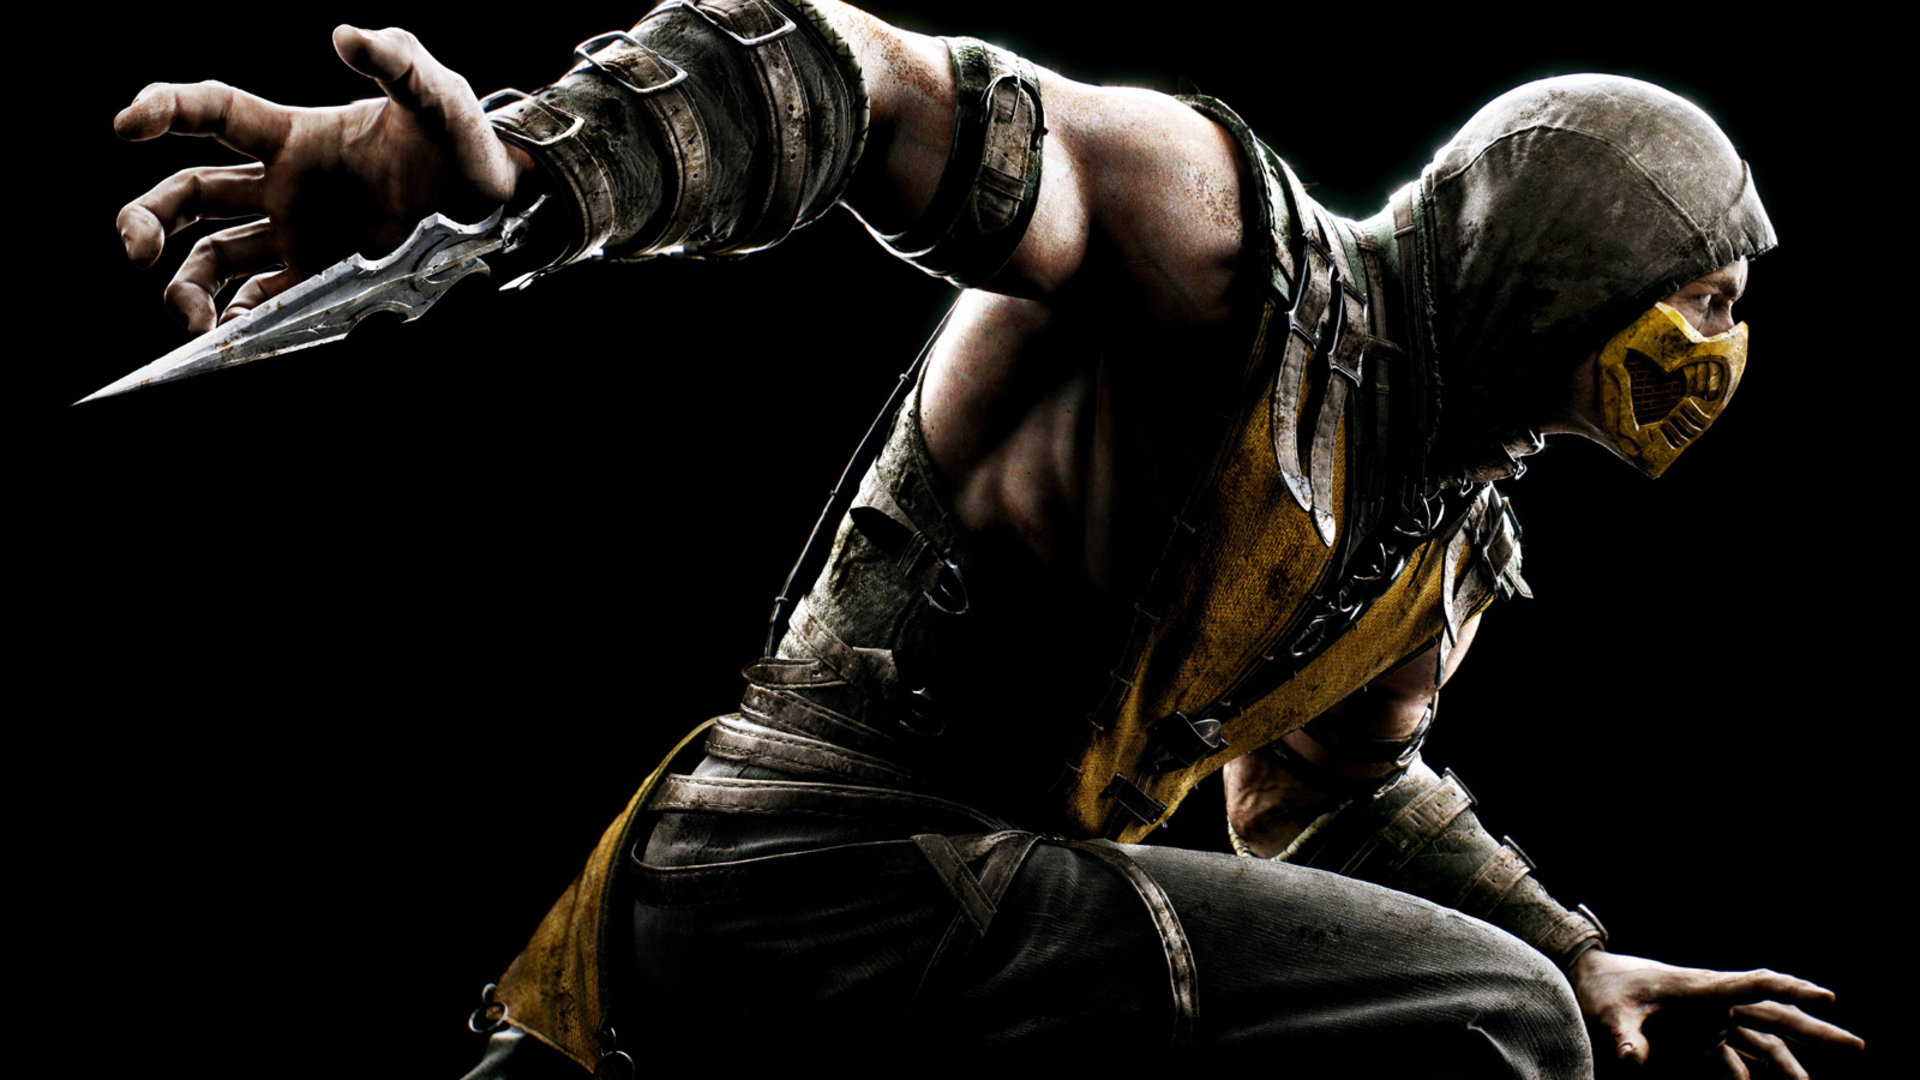 جدیدترین بروزرسان عنوان Mortal Kombat 10 ابتدا برای PS4 منتشر شده است